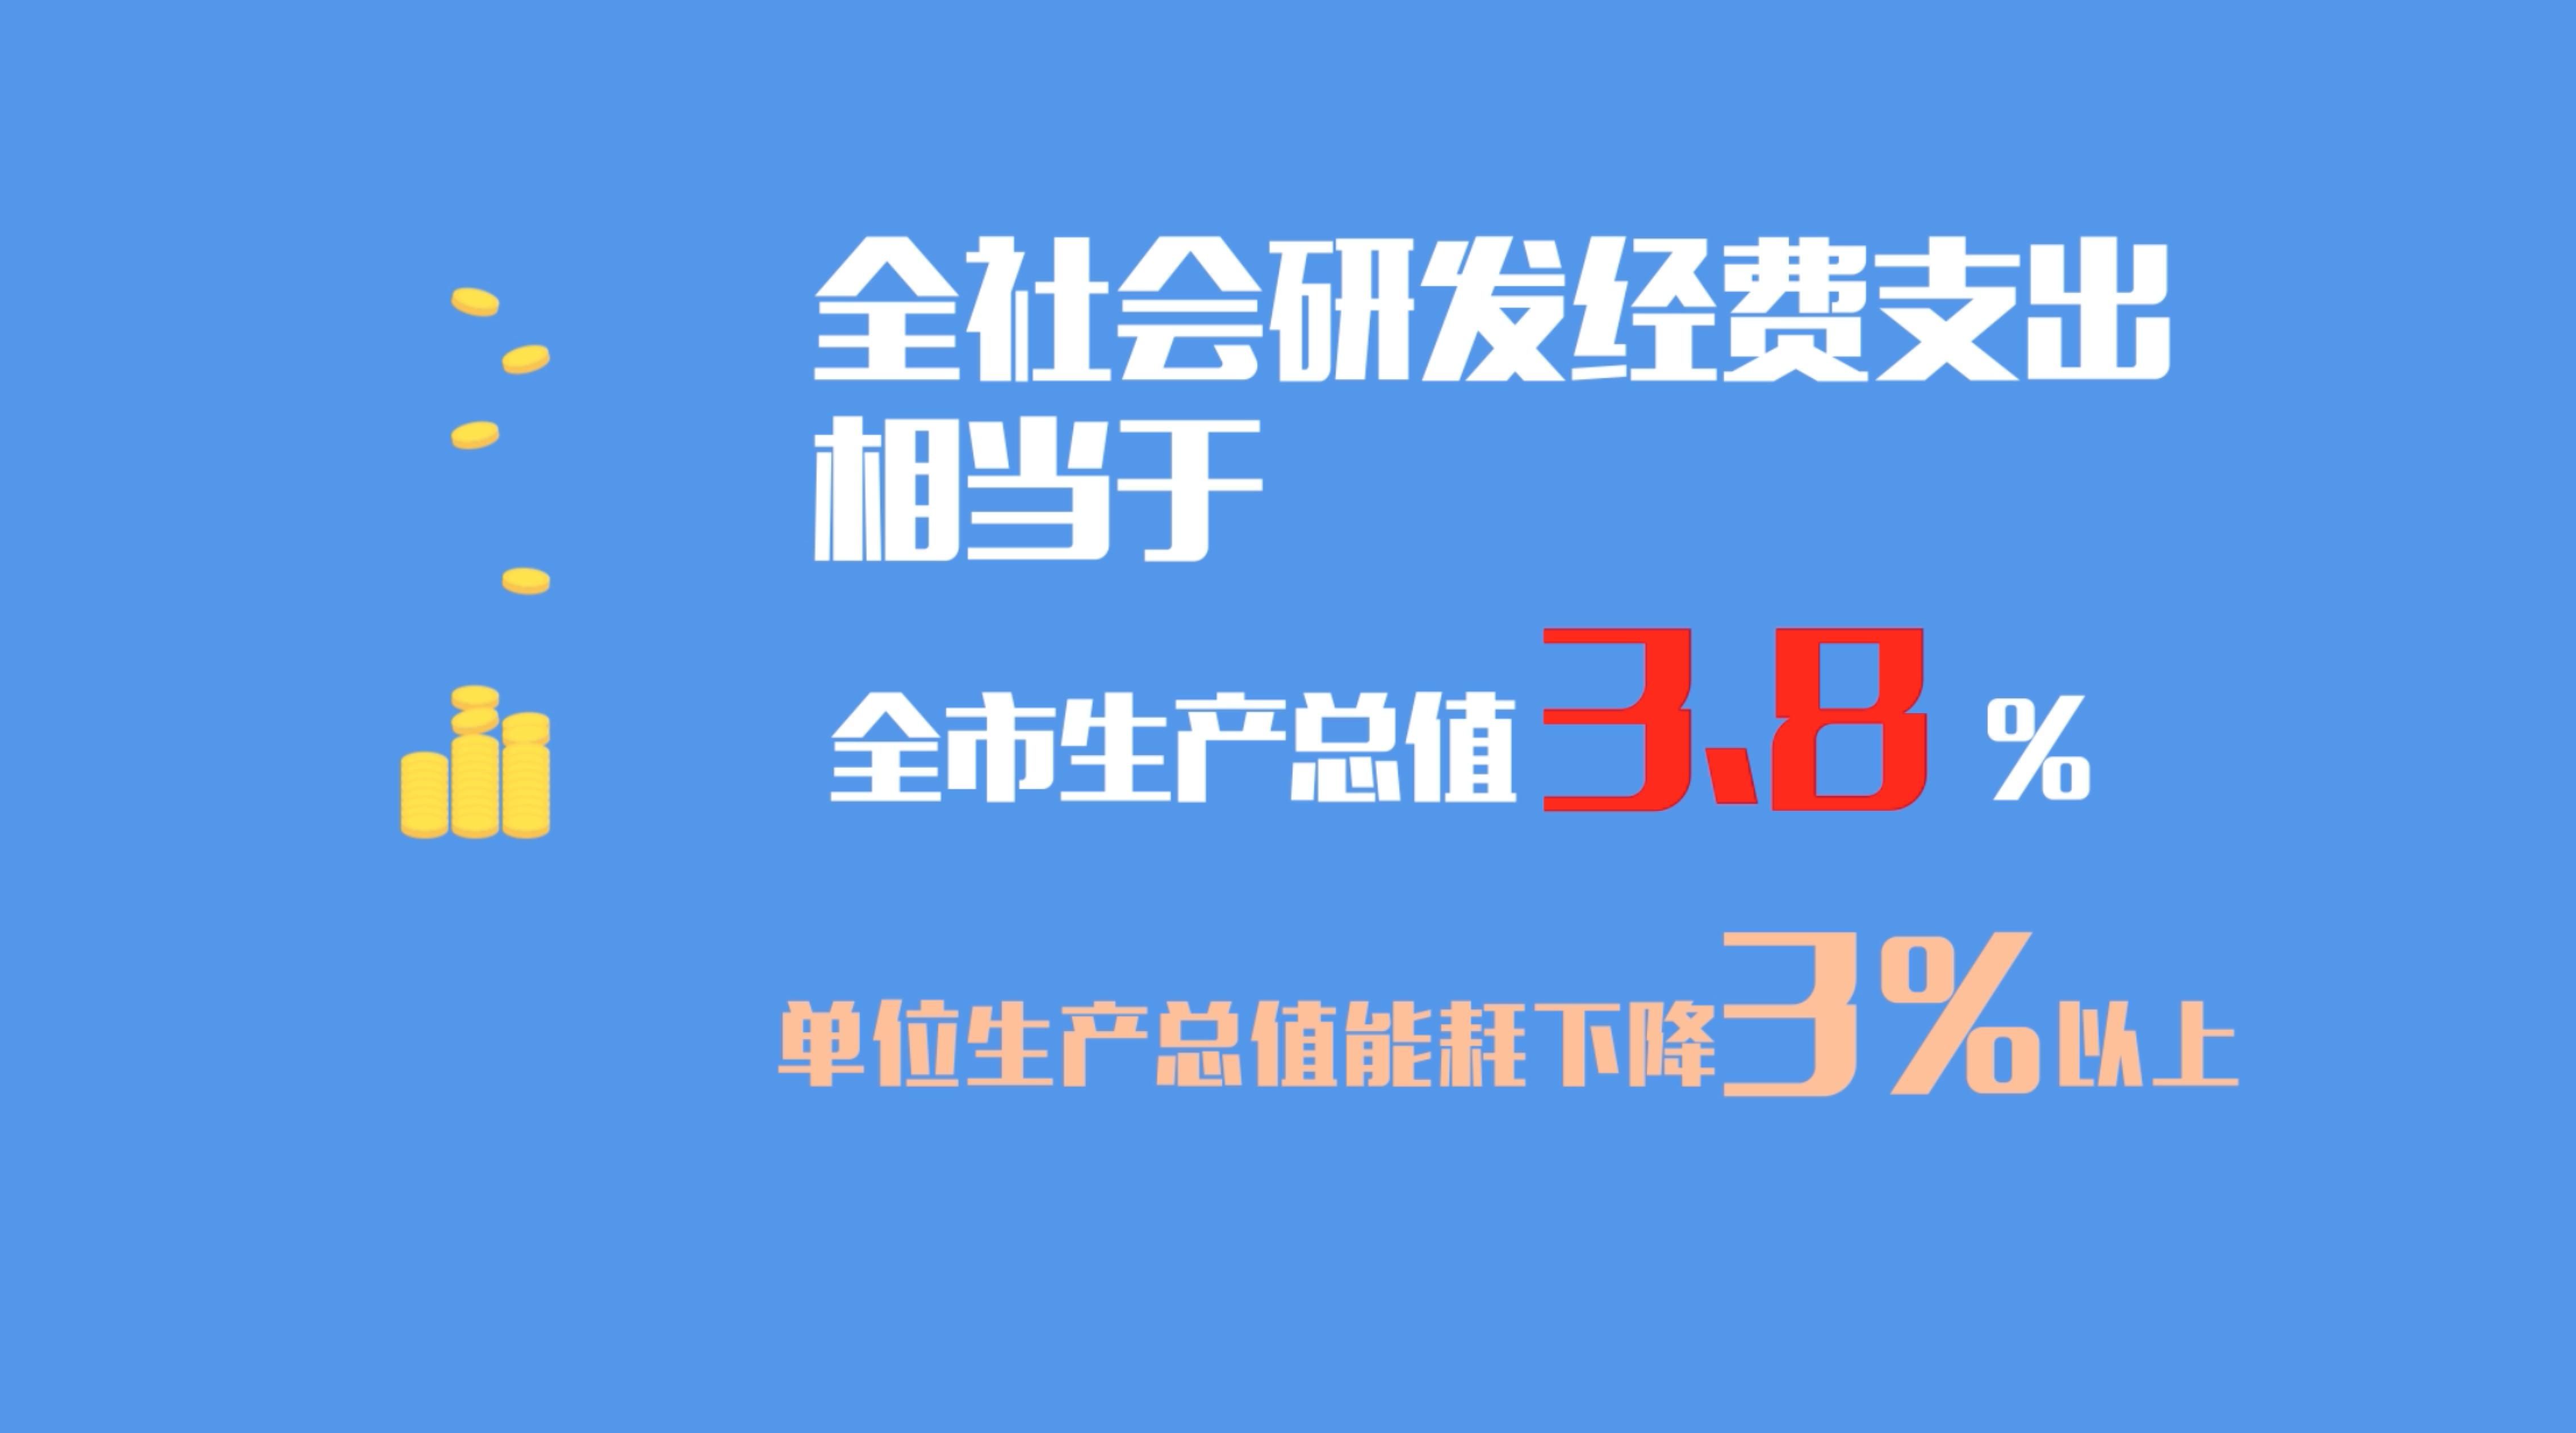 【动新闻】数读上海市政府工作报告